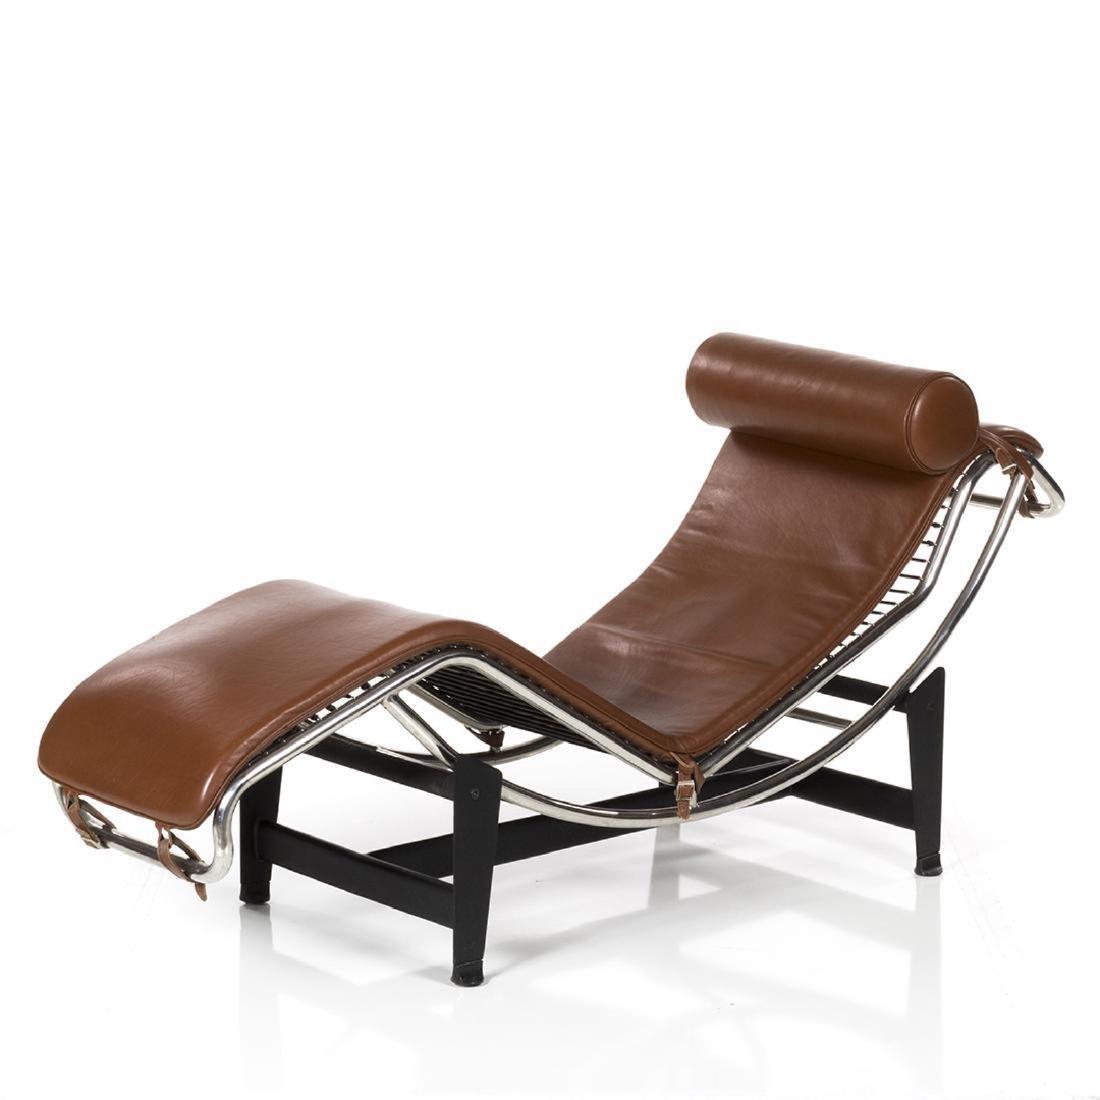 Le Corbusier Chaise Lounge - 3